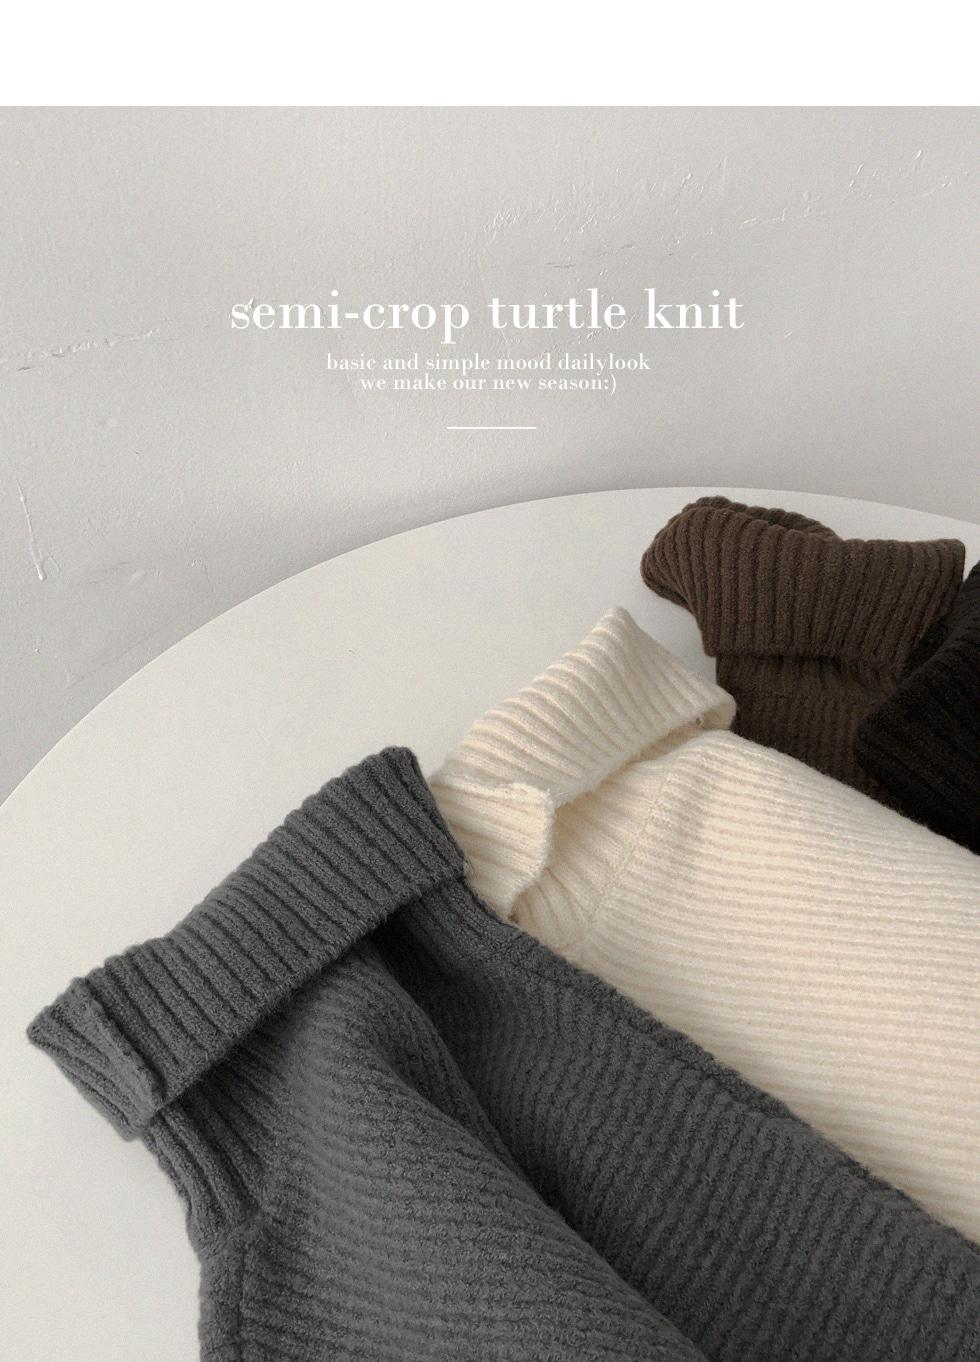 Snon Turtle Semi-Crop Knit